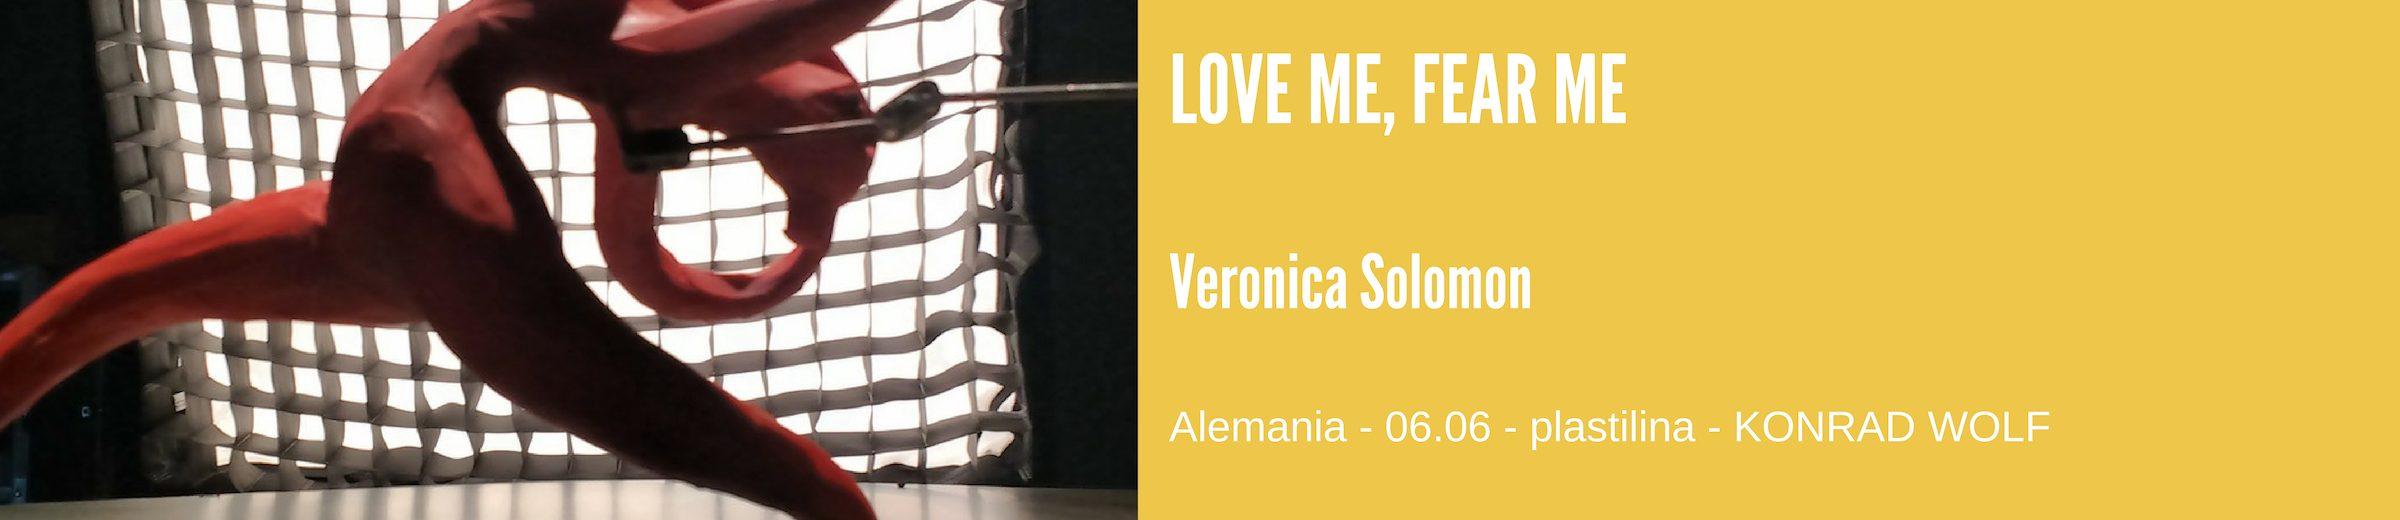 love me fear me